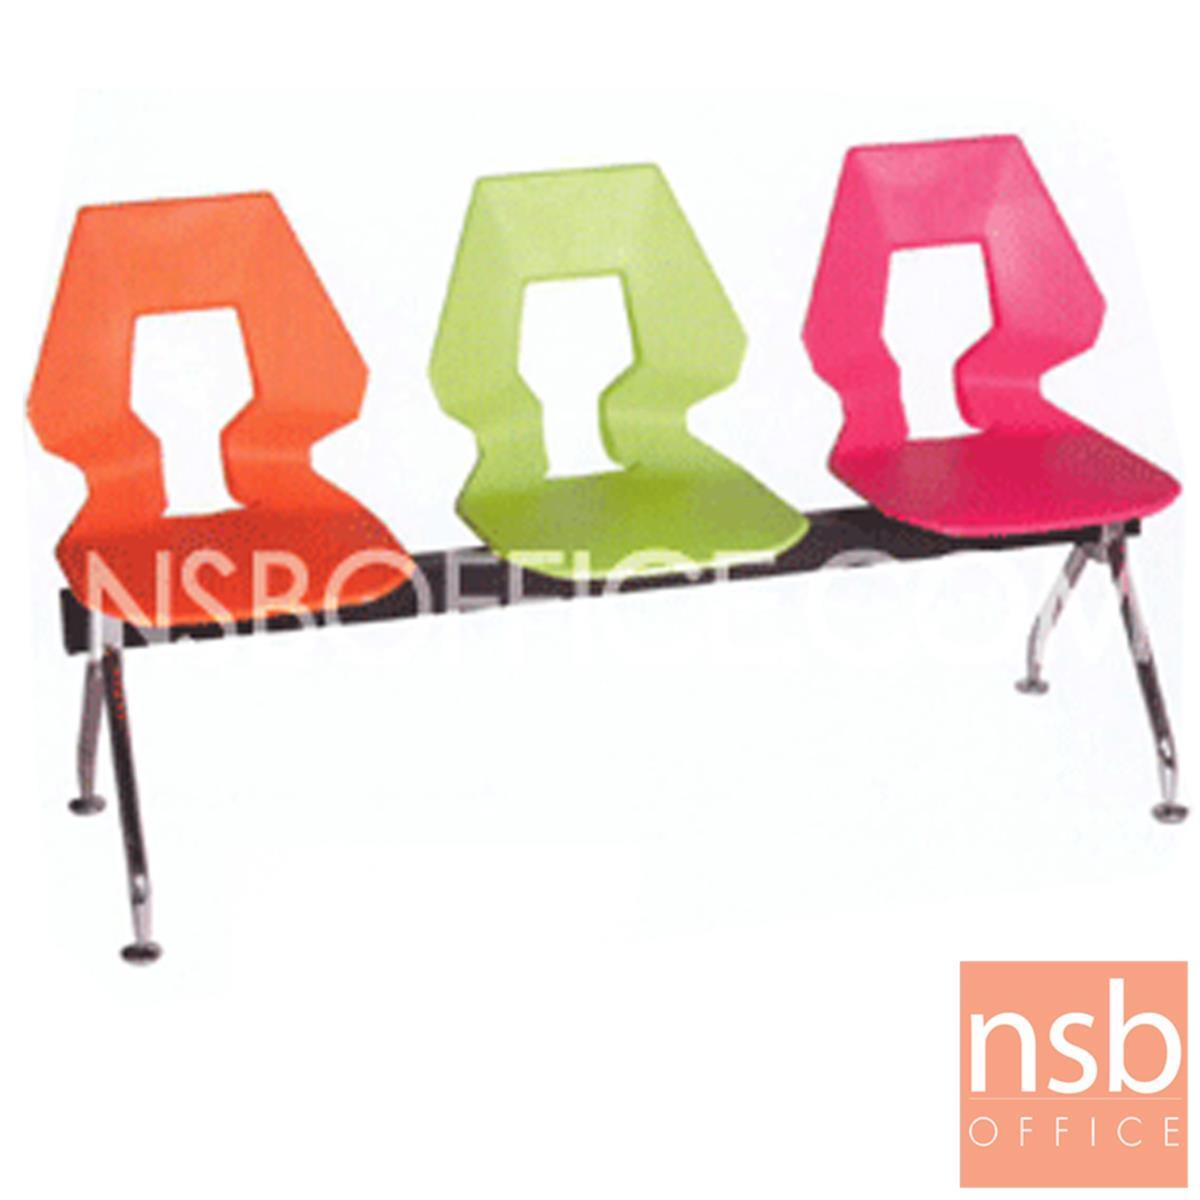 B06A085:เก้าอี้นั่งคอยเฟรมโพลี่ รุ่น V-B528 2 ,3 ,4 ที่นั่ง ขนาด 92W ,143W ,194W cm. ขาเหล็ก